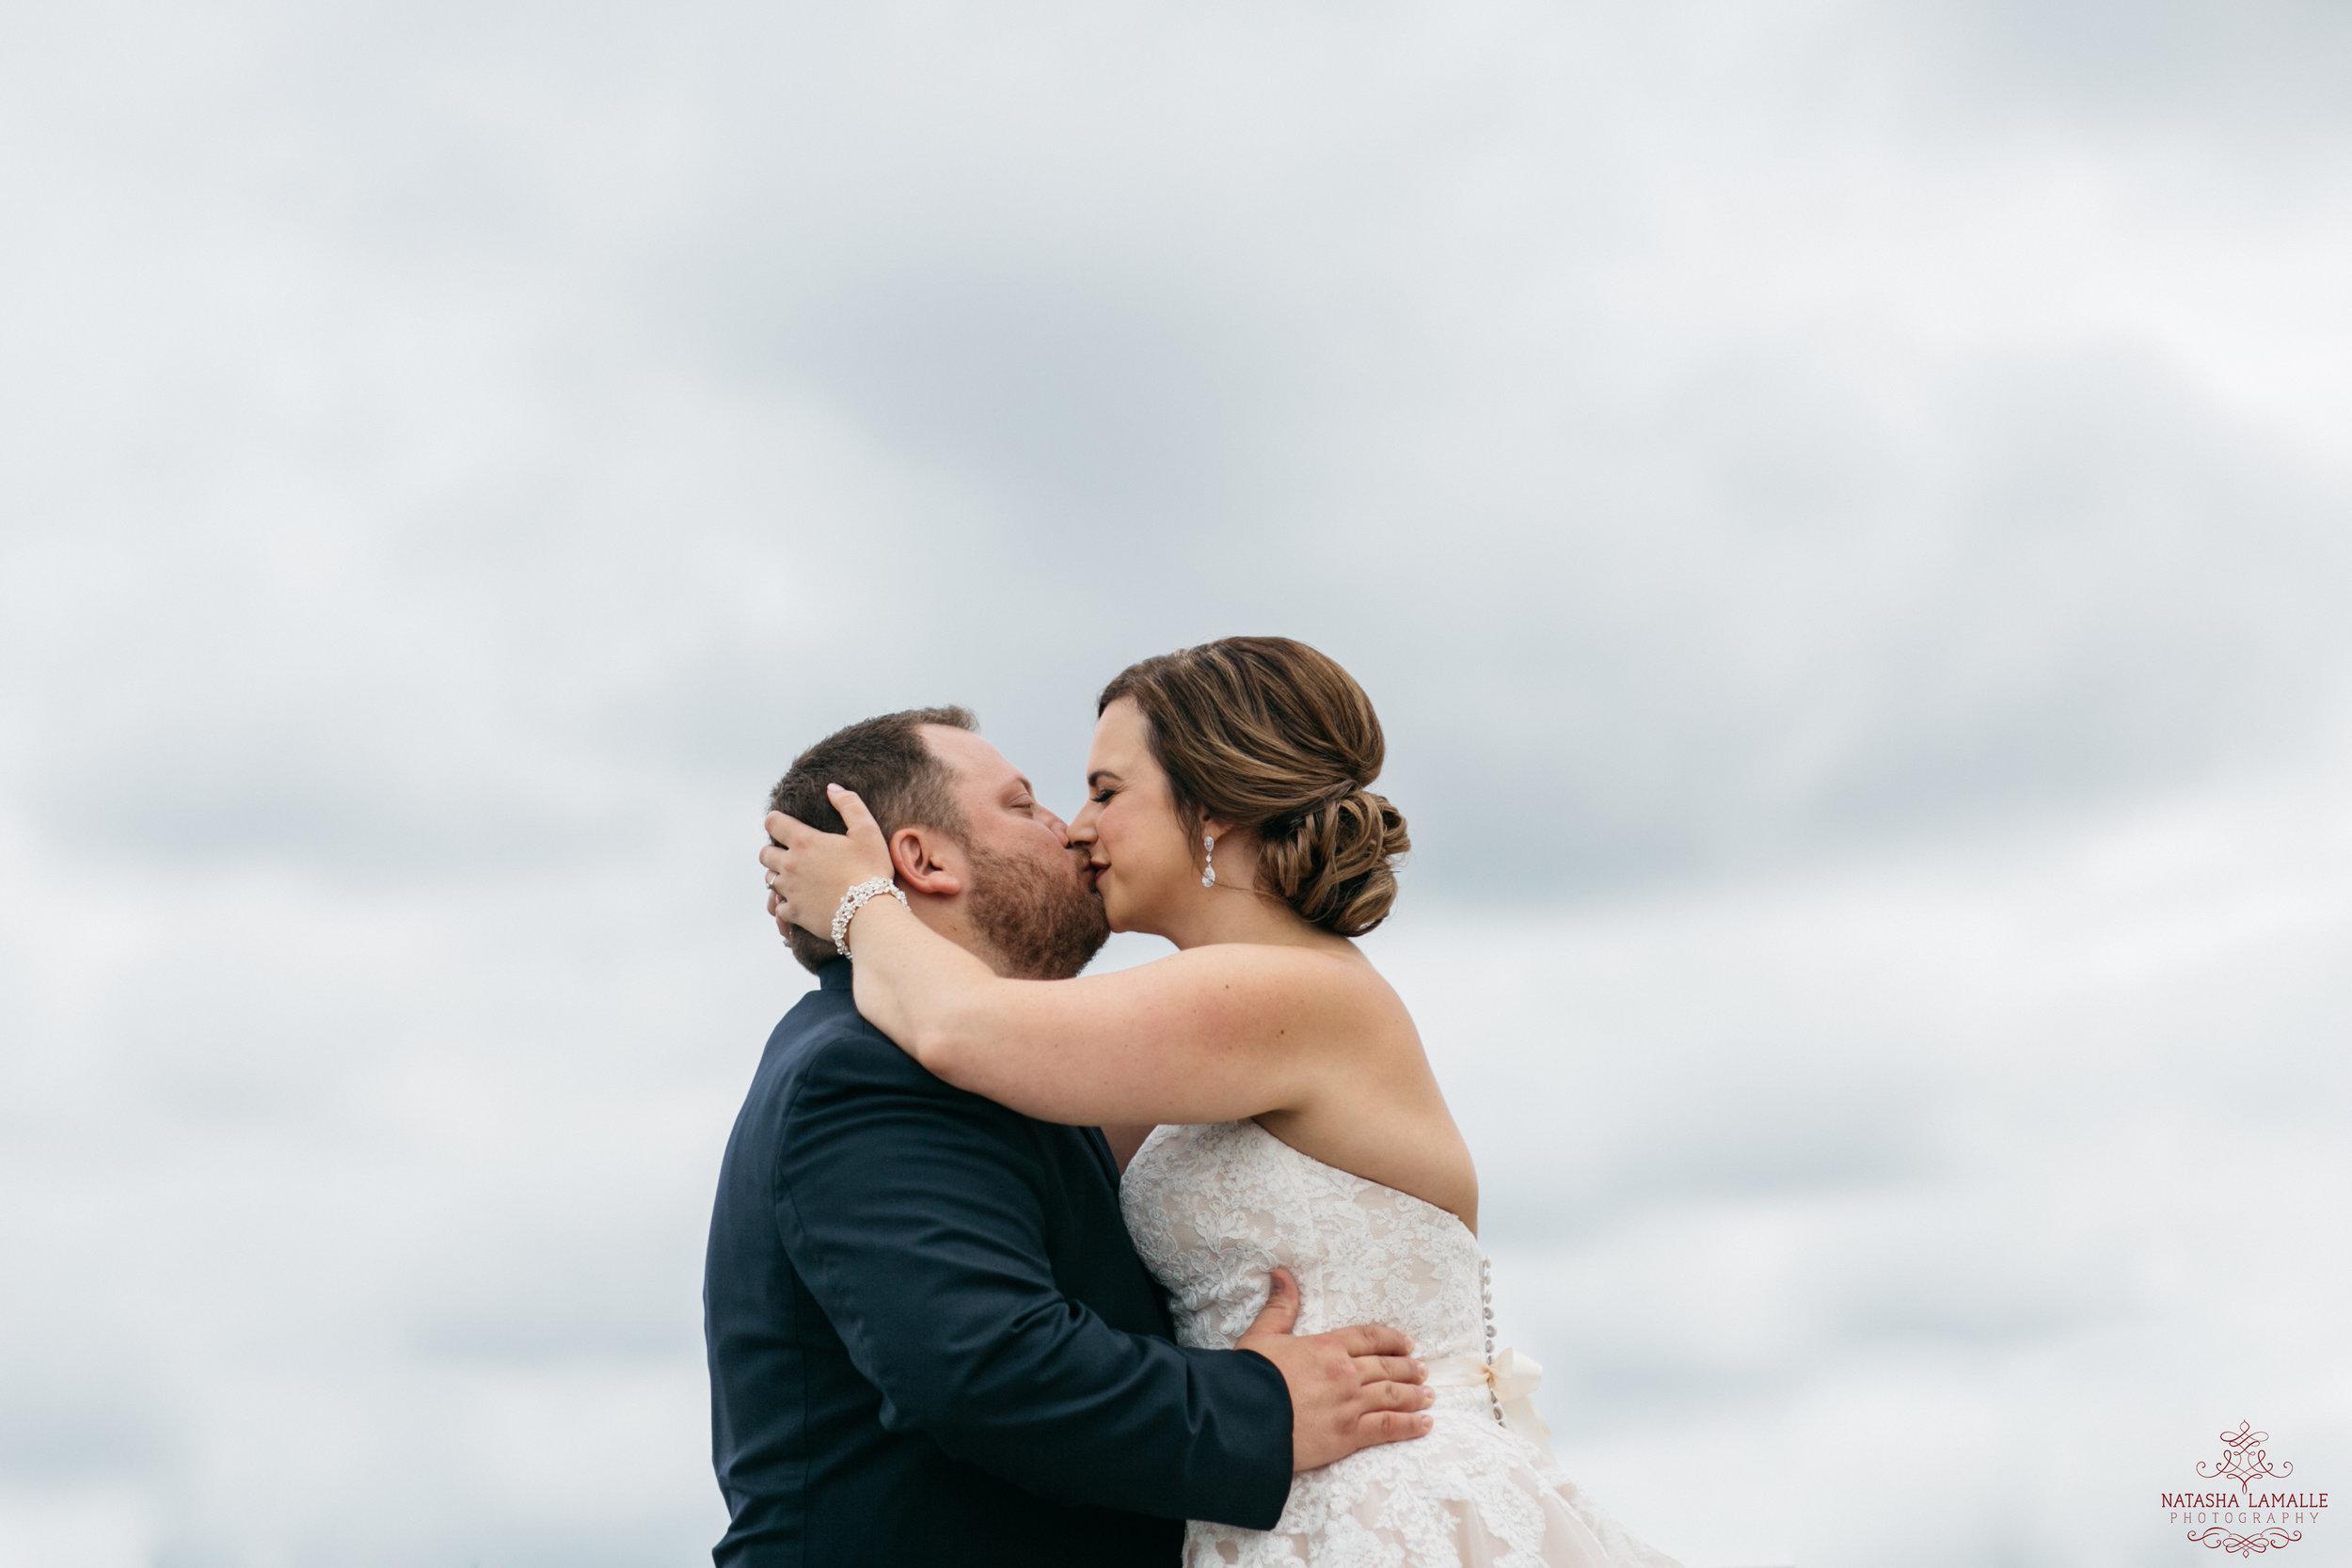 Pour rester la tête dans les nuages, demandez un wedding planner.